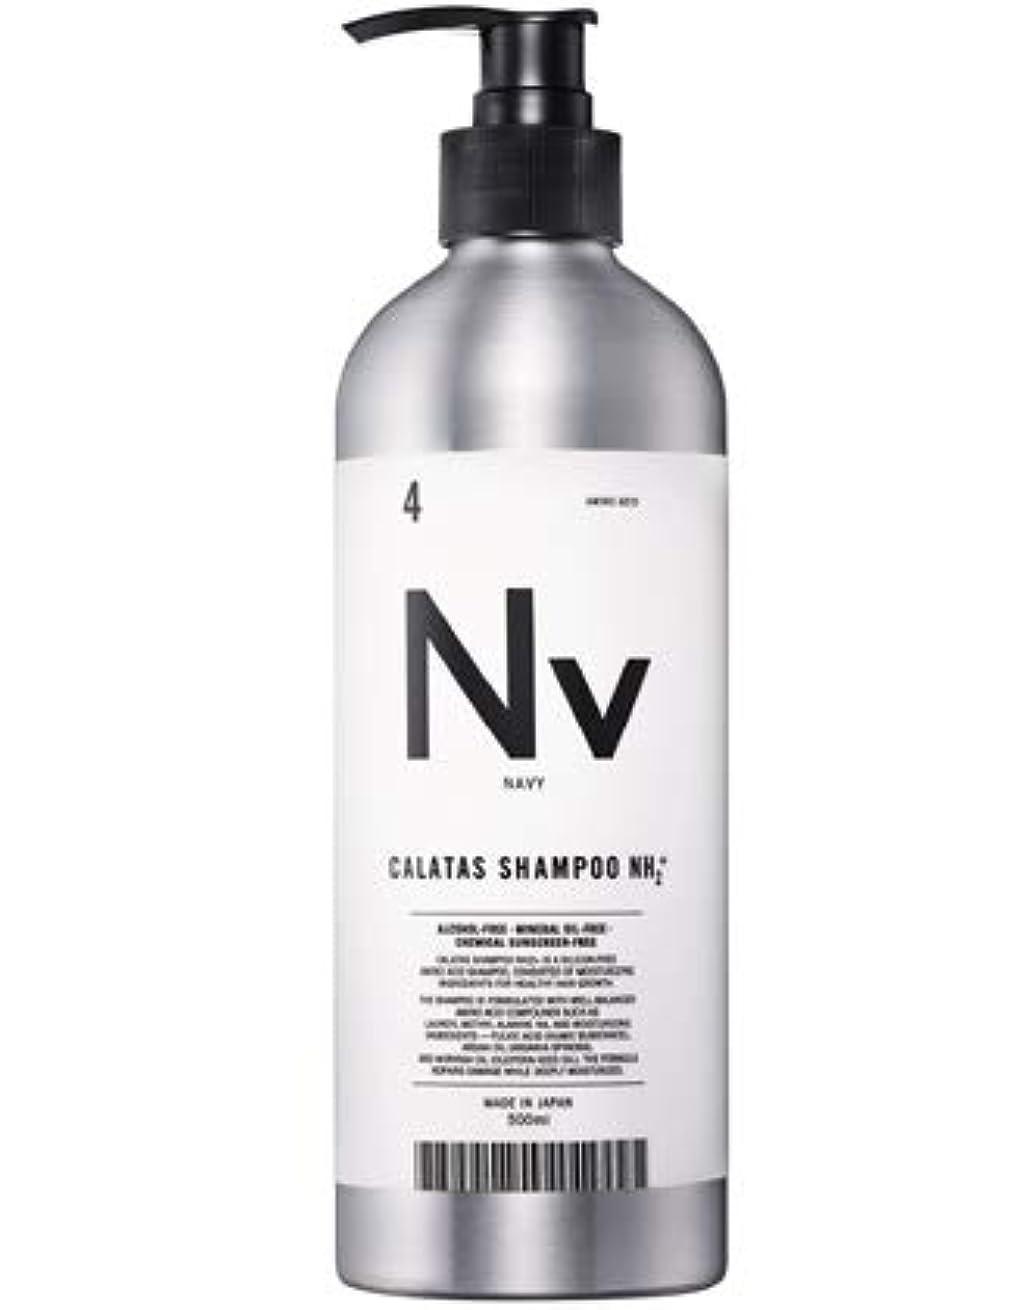 レキシコン刺しますタオルカラタス シャンプー NH2+ Nv(ネイビー) 500ml